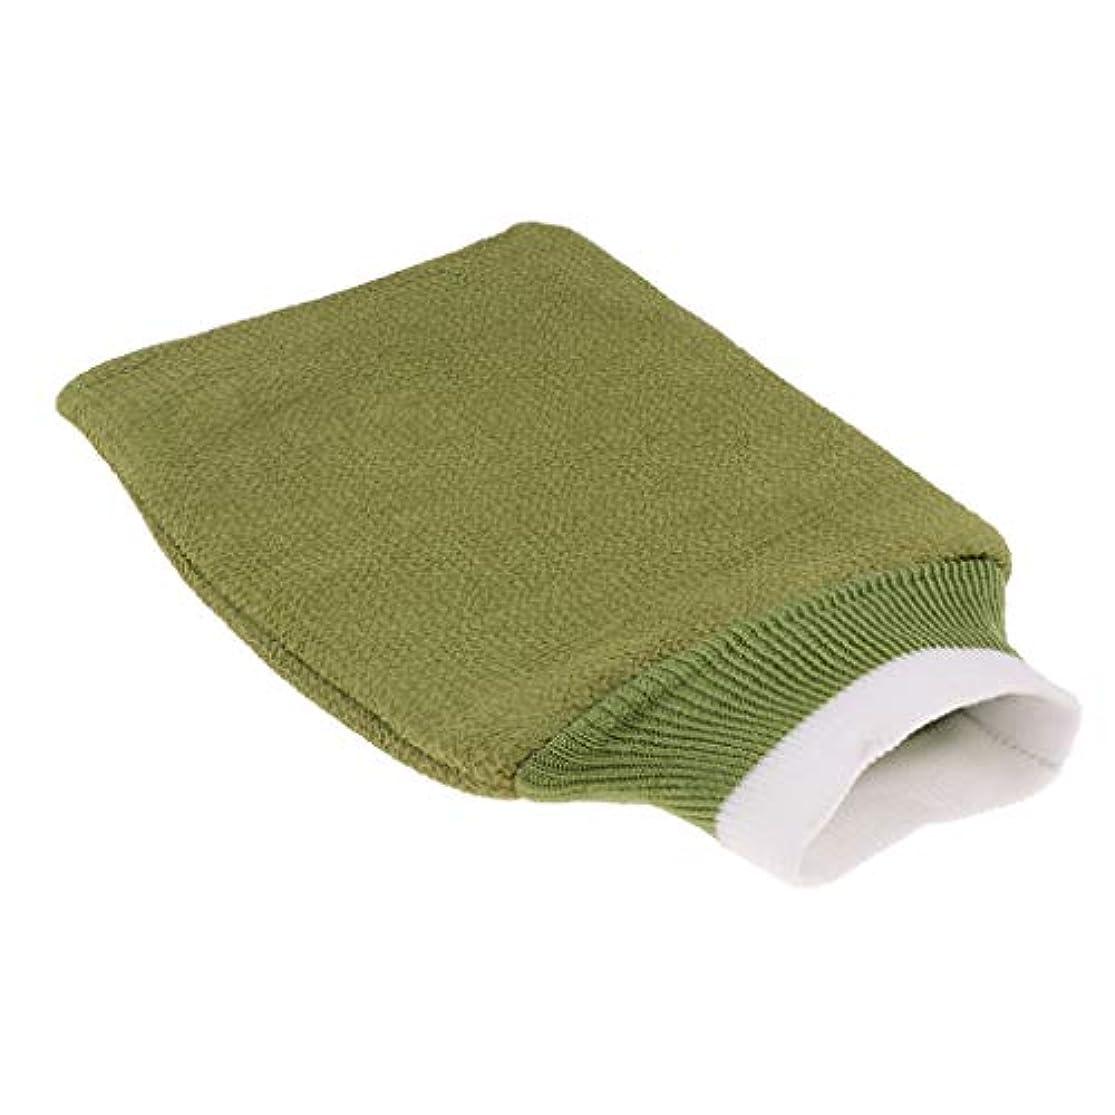 甥序文専らバスグローブ 浴用手袋 シャワー用 バスミット 垢すり手袋 毛穴清潔 角質除去 男女兼用 全3色 - 緑